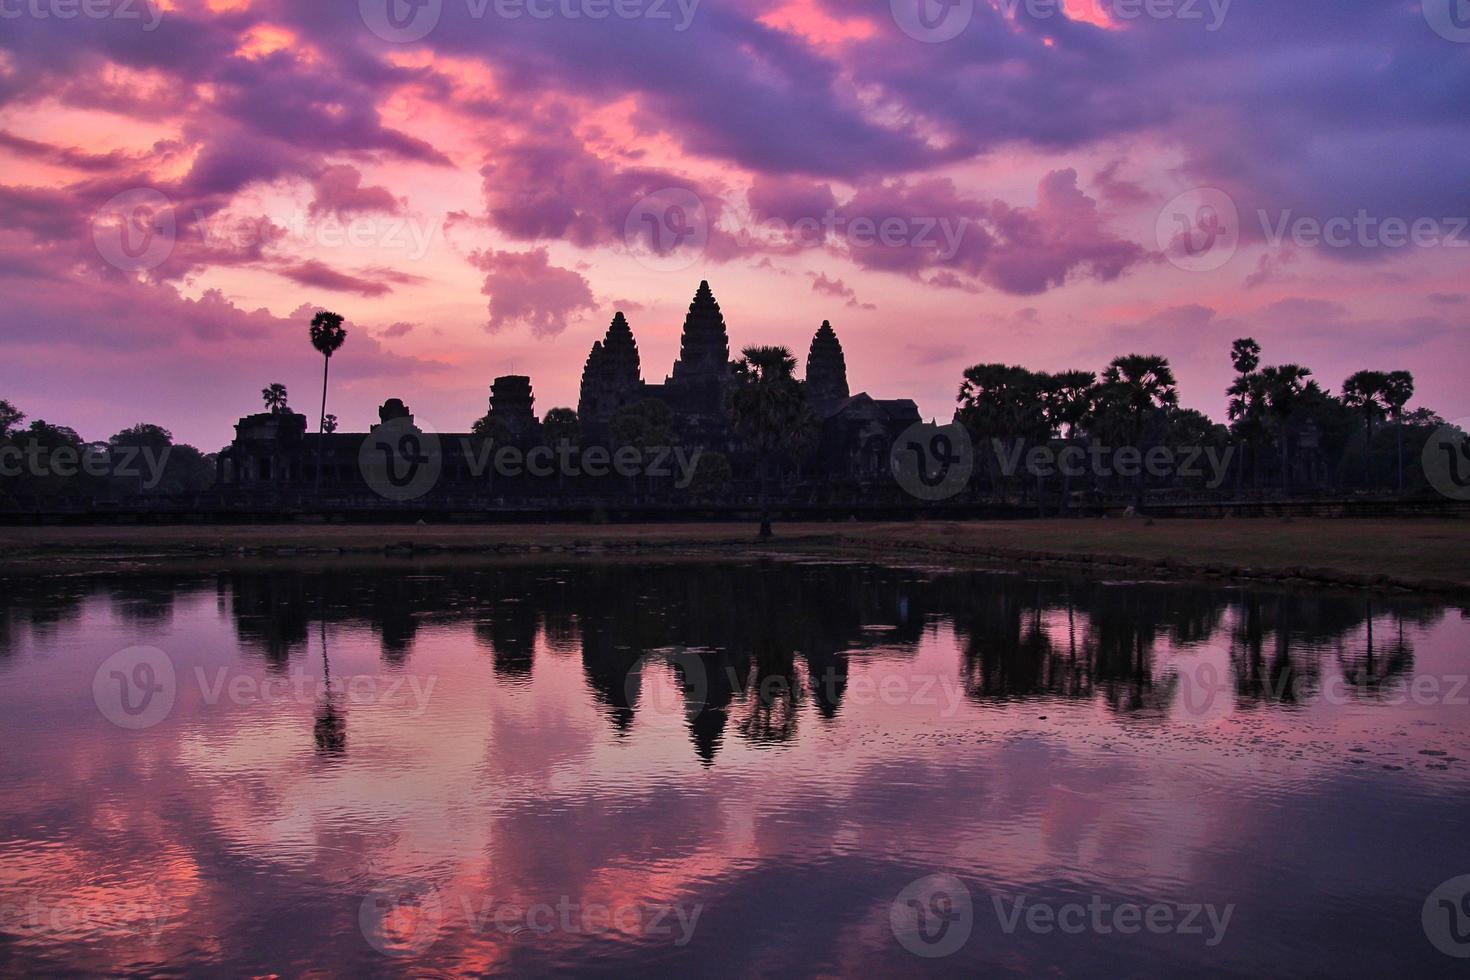 Angkor Wat bei Sonnenaufgang, Siem Reap, Kambodscha foto